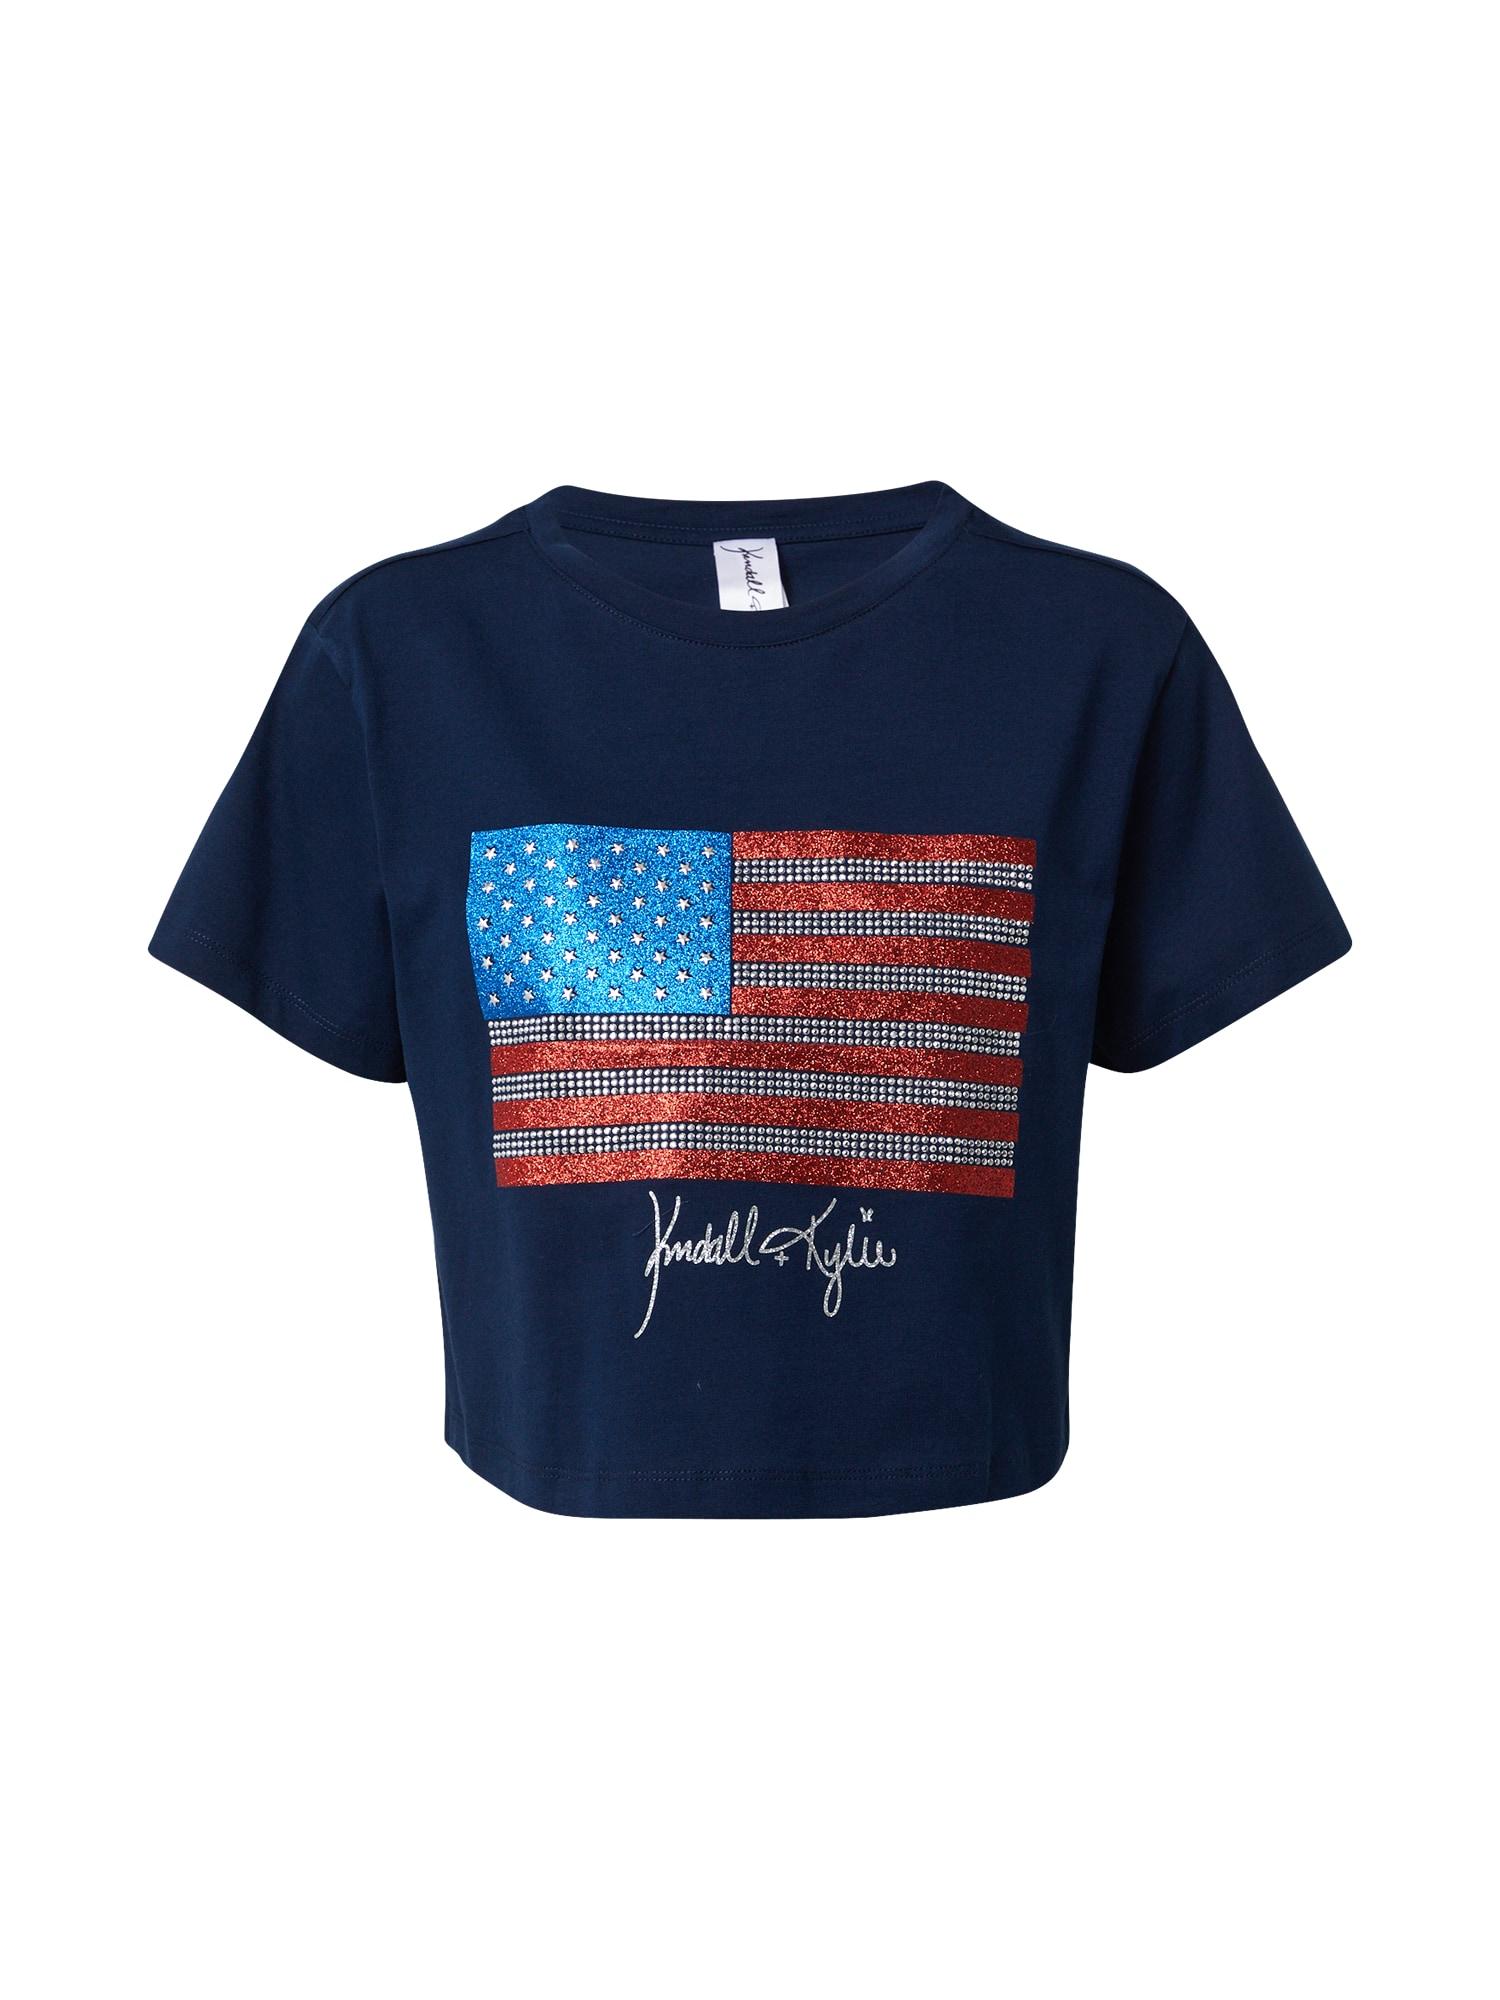 KENDALL + KYLIE Marškinėliai tamsiai mėlyna